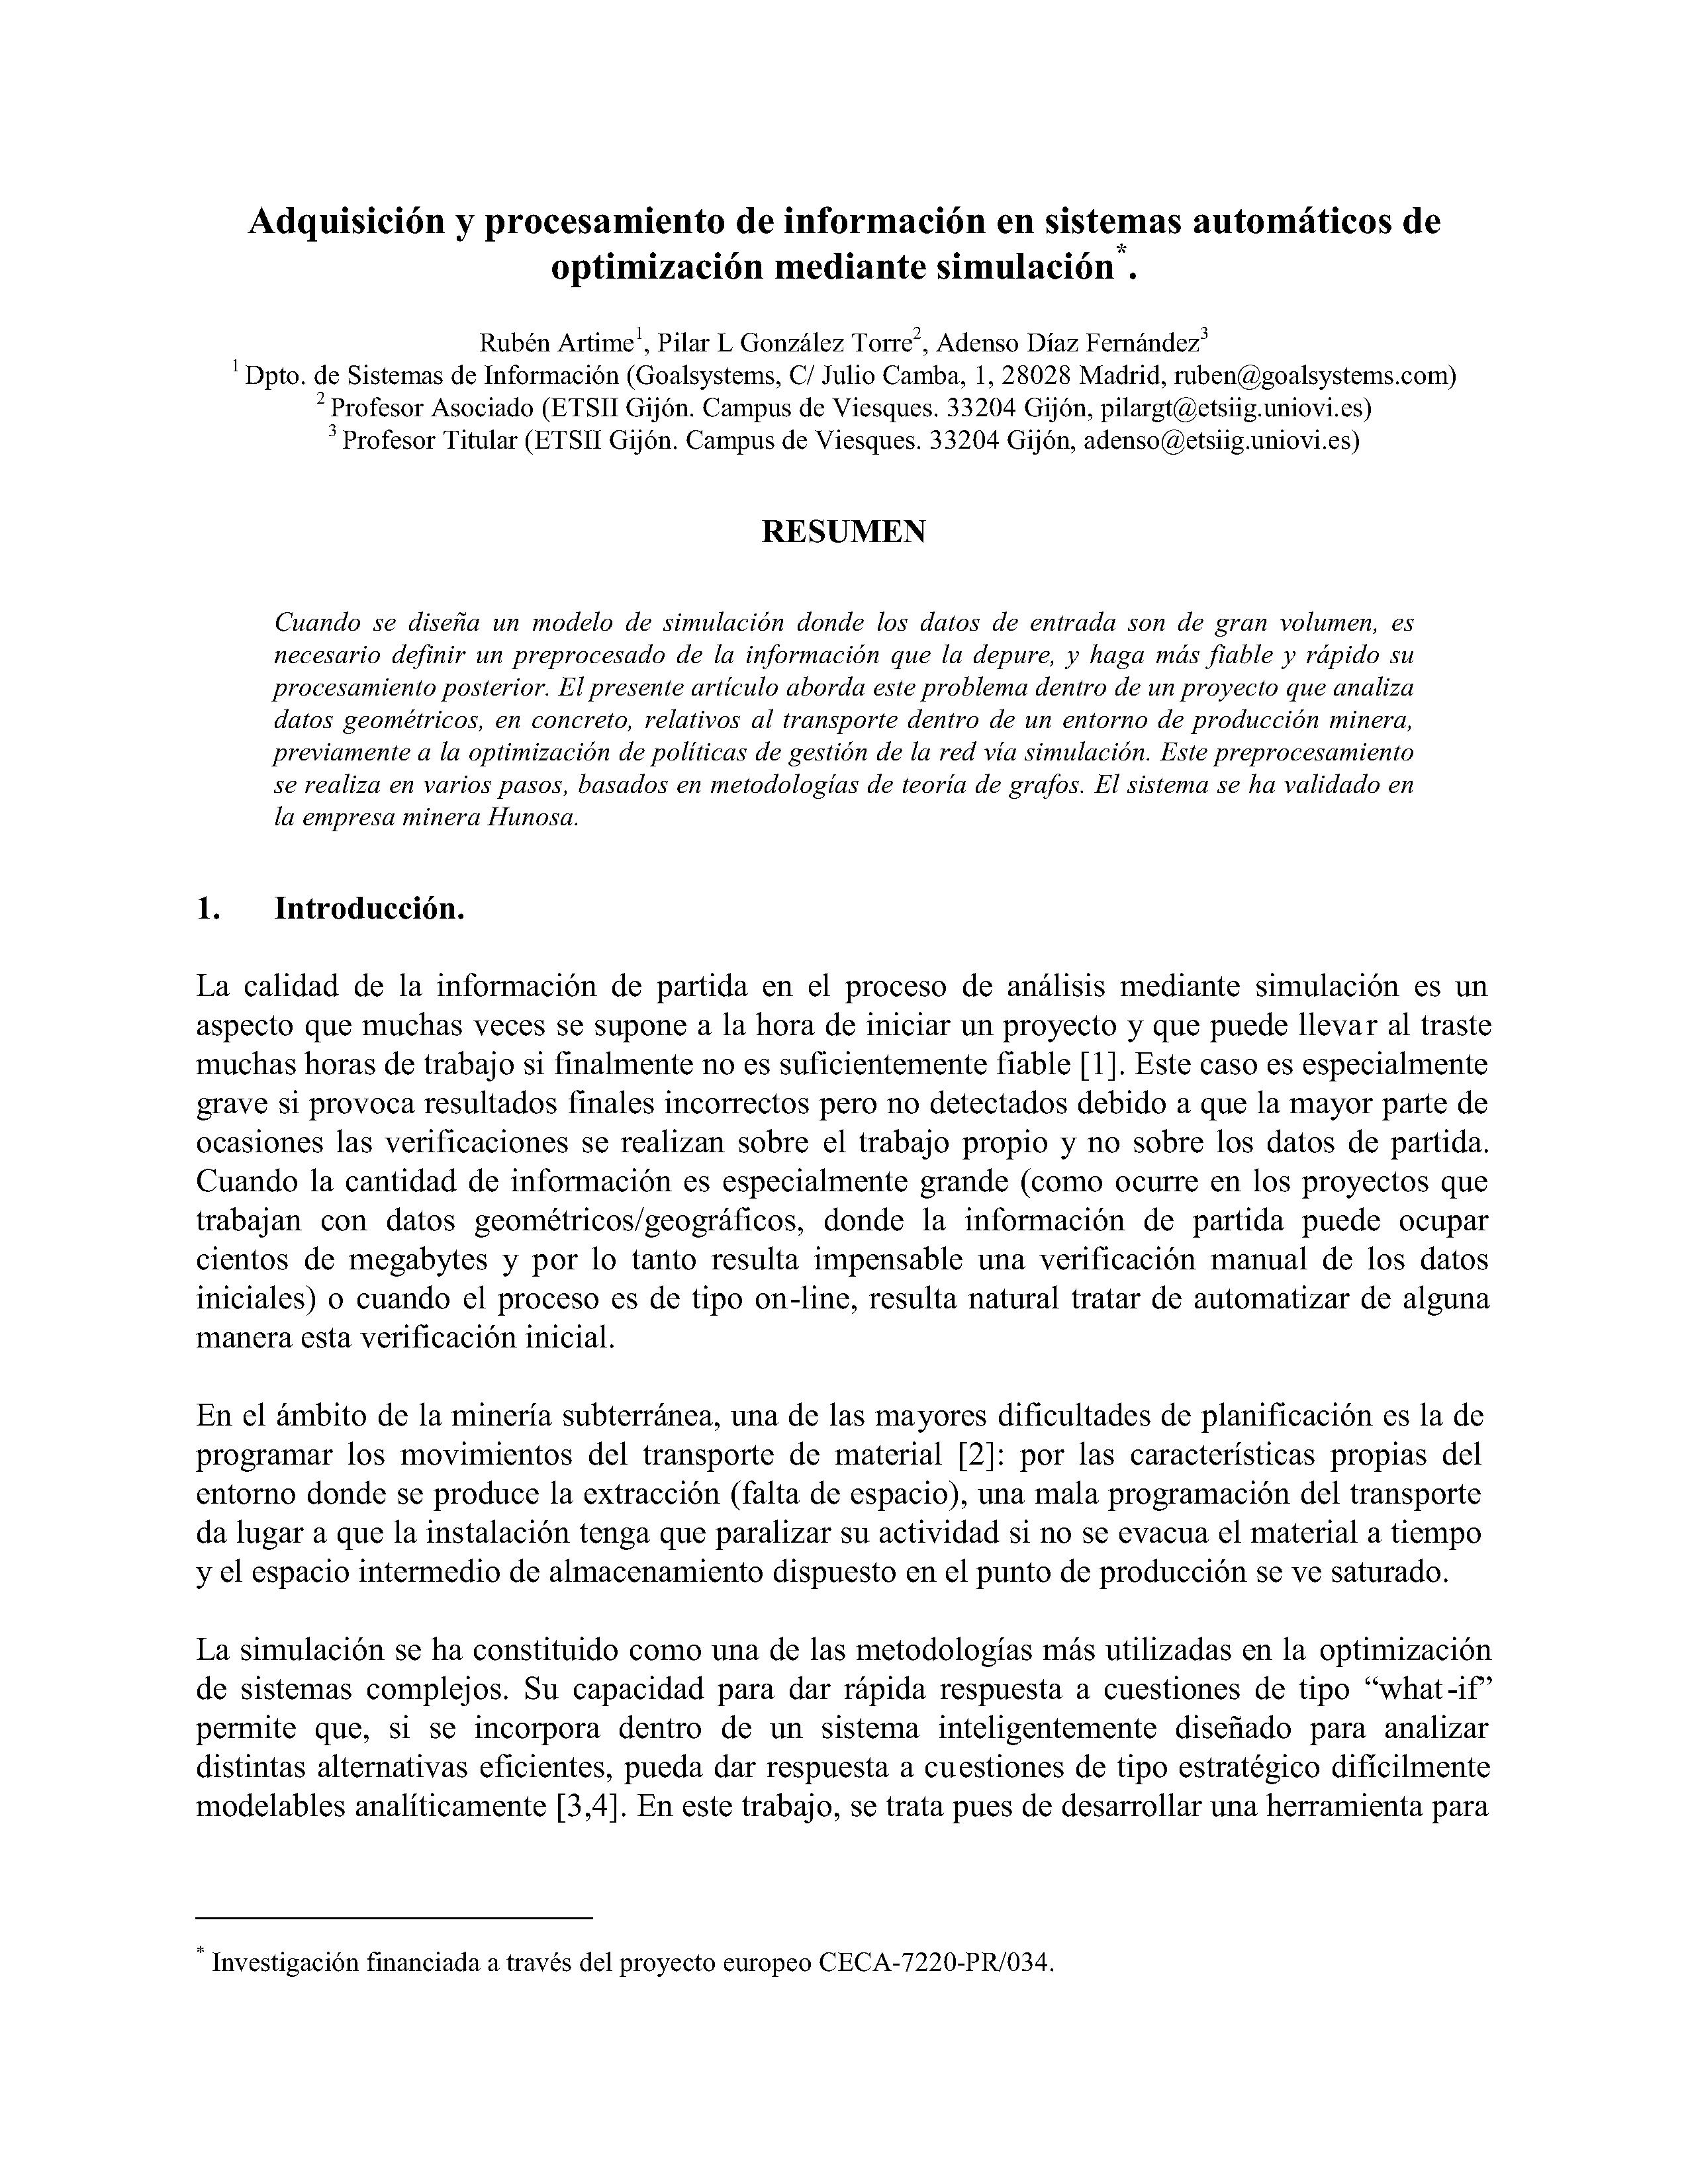 Adquisición y procesamiento de información en sistemas automáticos de optimizacion mediante simulacion.